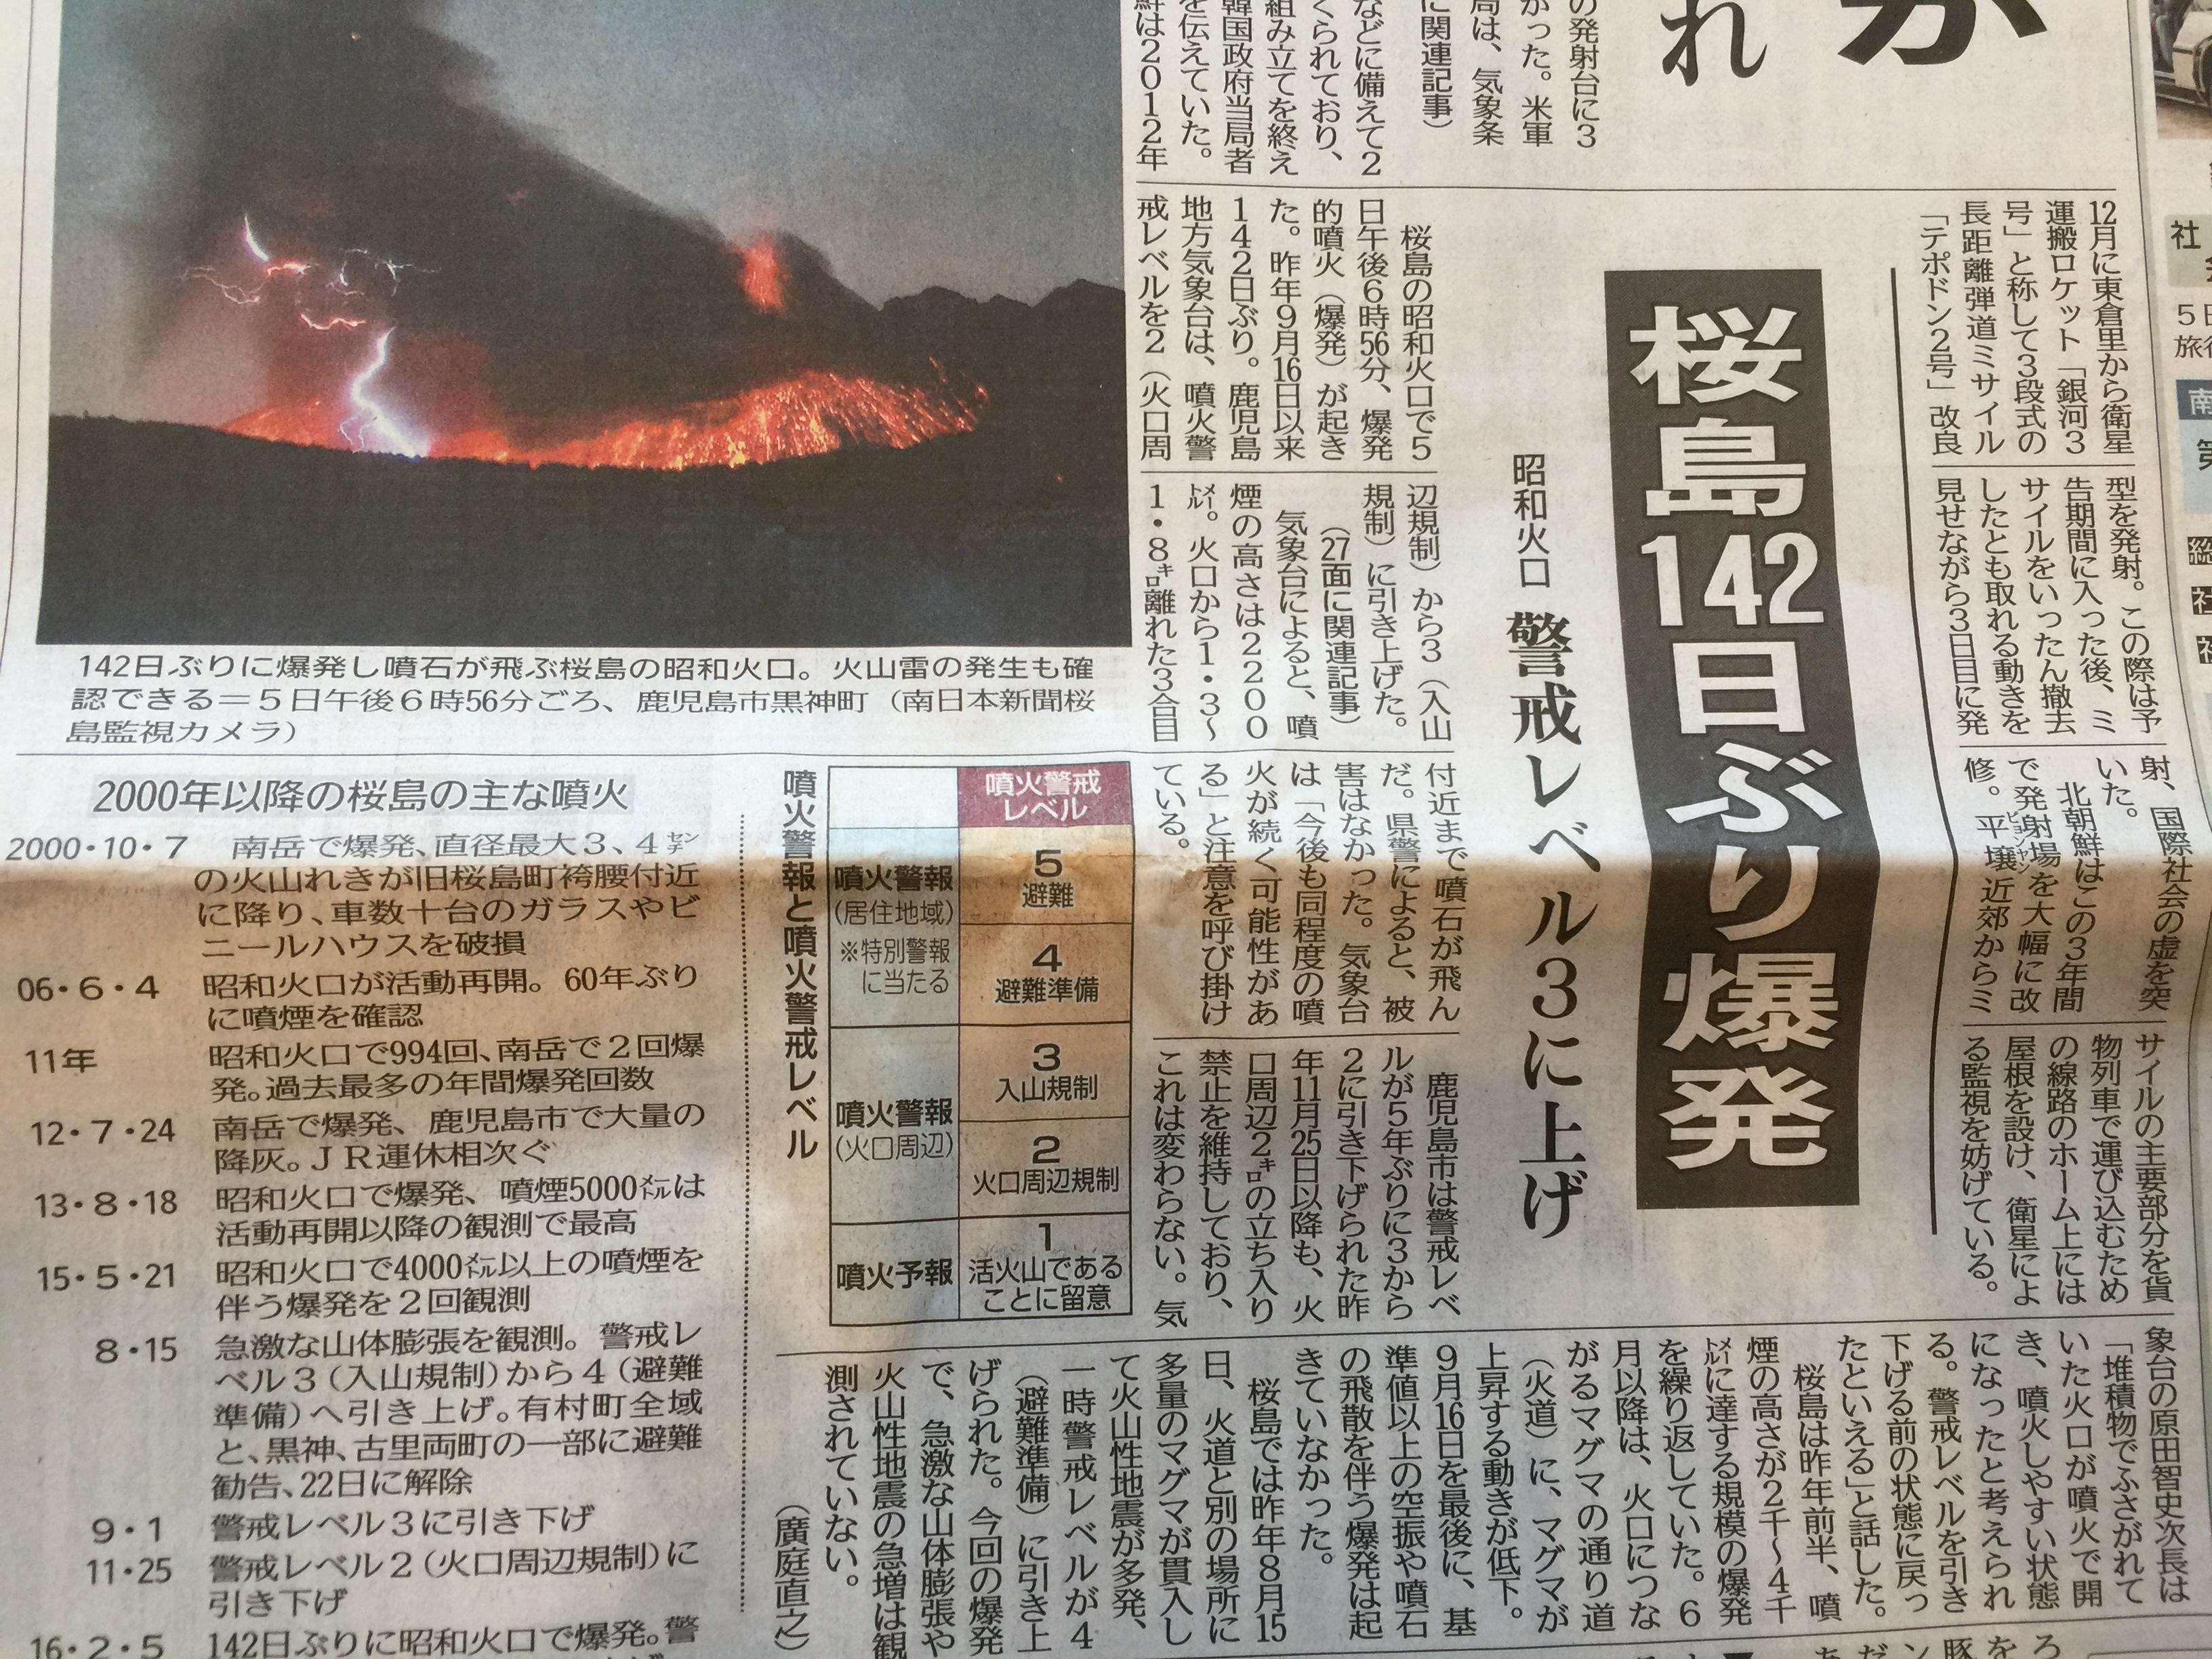 http://hashiguchi-seikotu.com/blog/about/2016.2.6%E6%96%B0%E8%81%9E.JPG